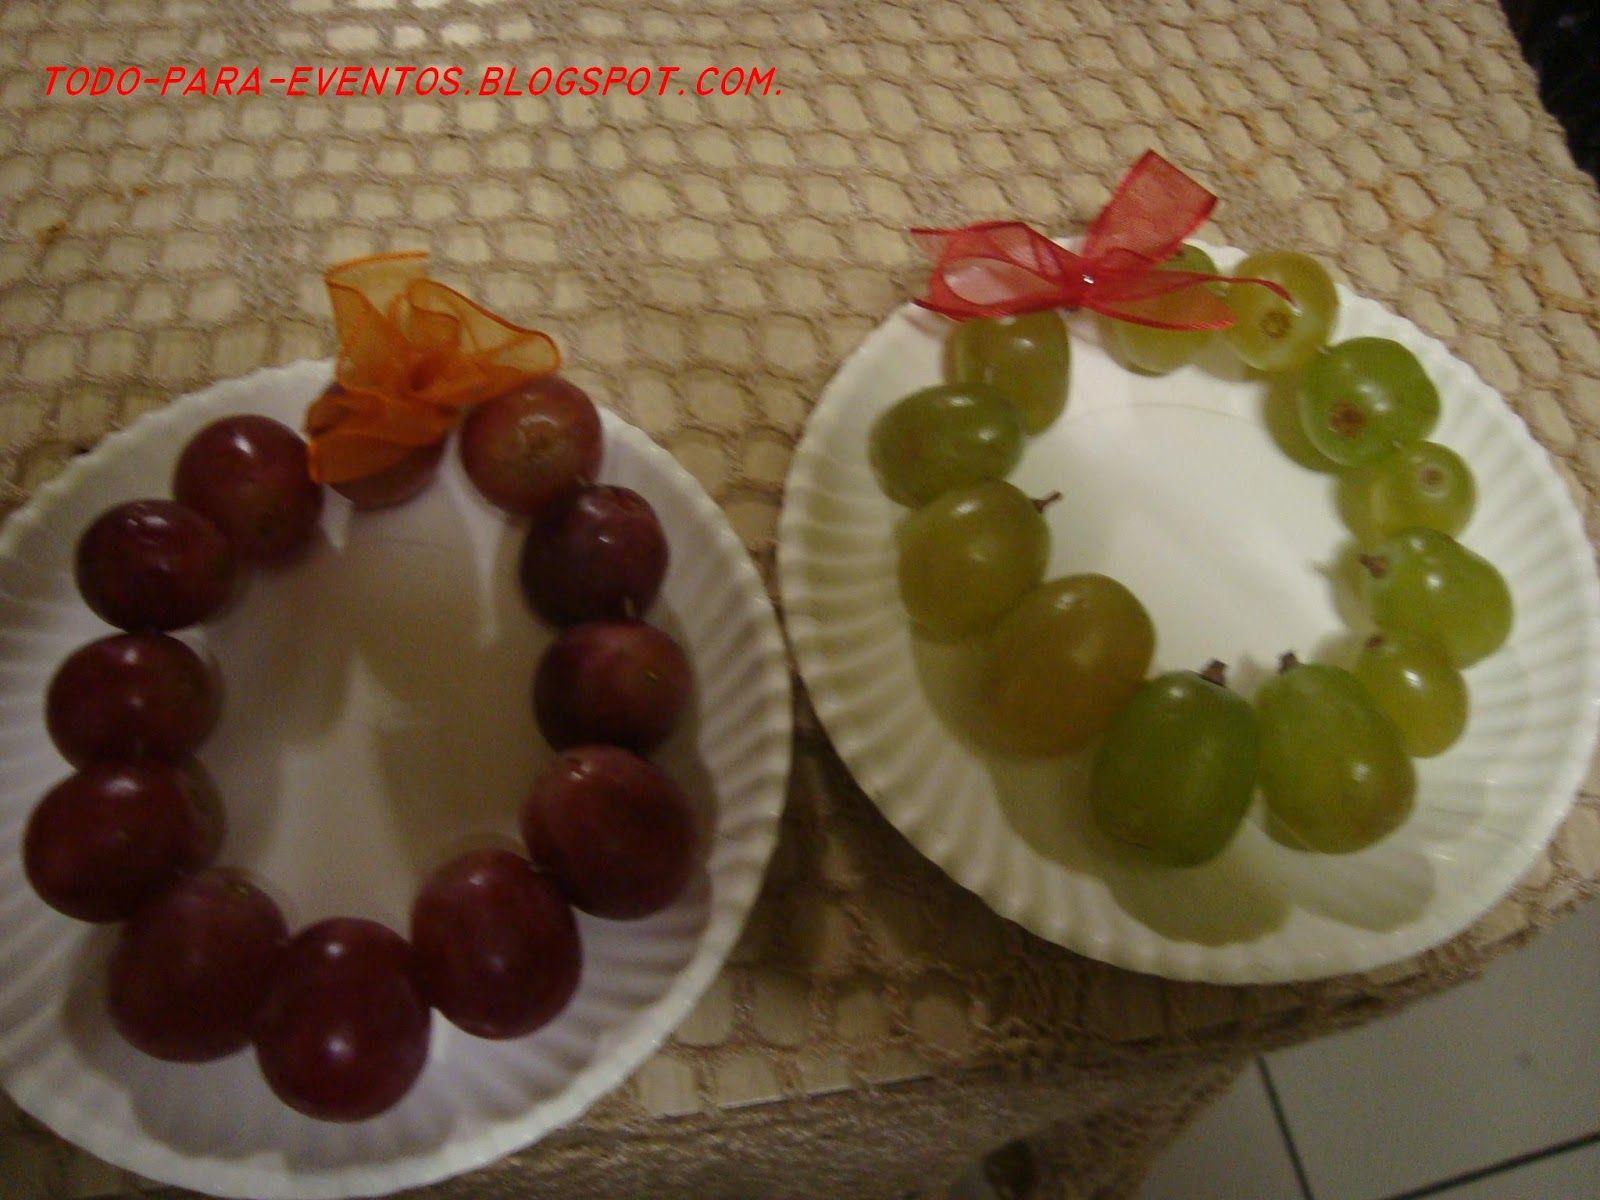 ARREGLOS DE ANO NUVO | ... originales coronas de uvas para los 12 ...